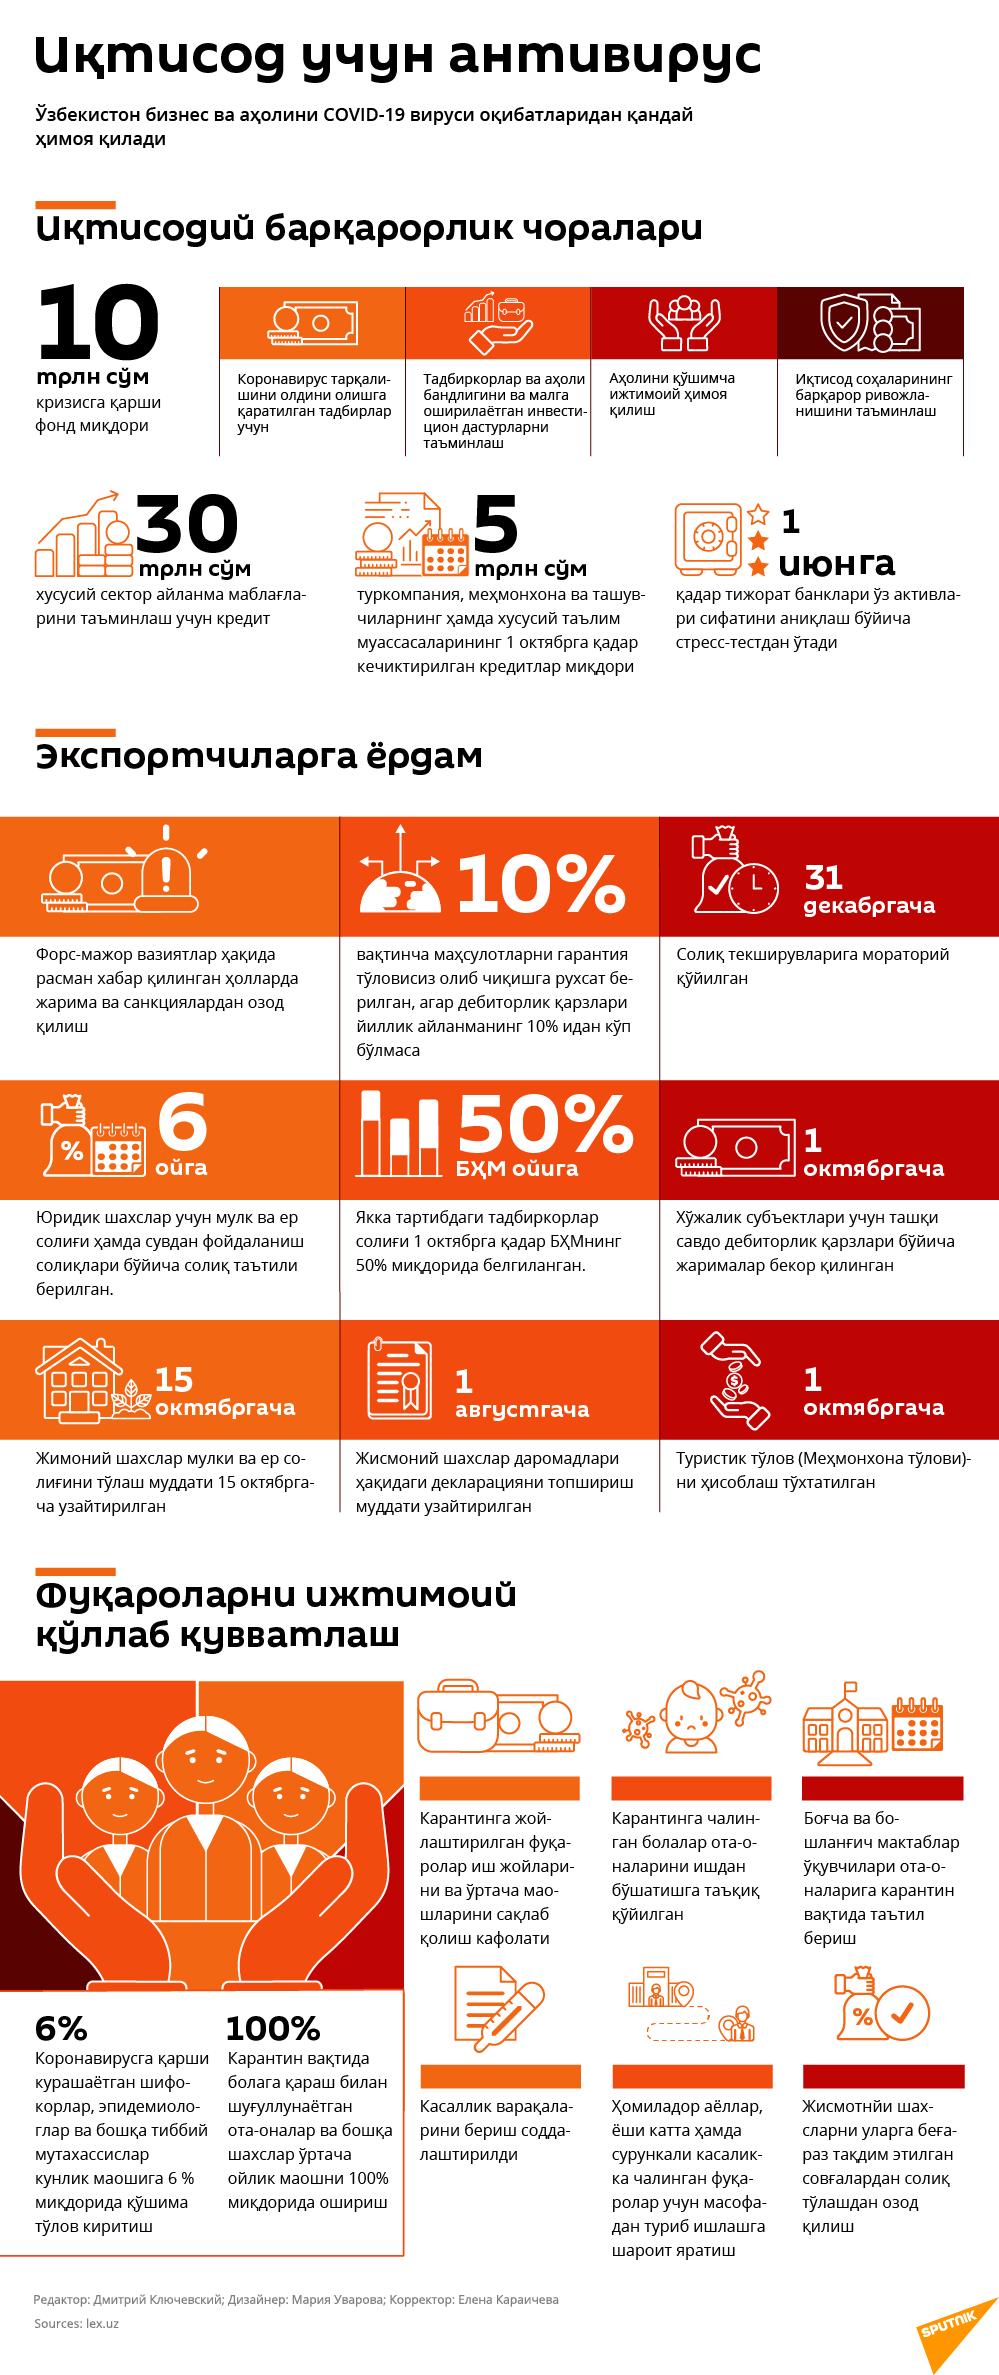 Иқтисодий антивирус - Sputnik Ўзбекистон